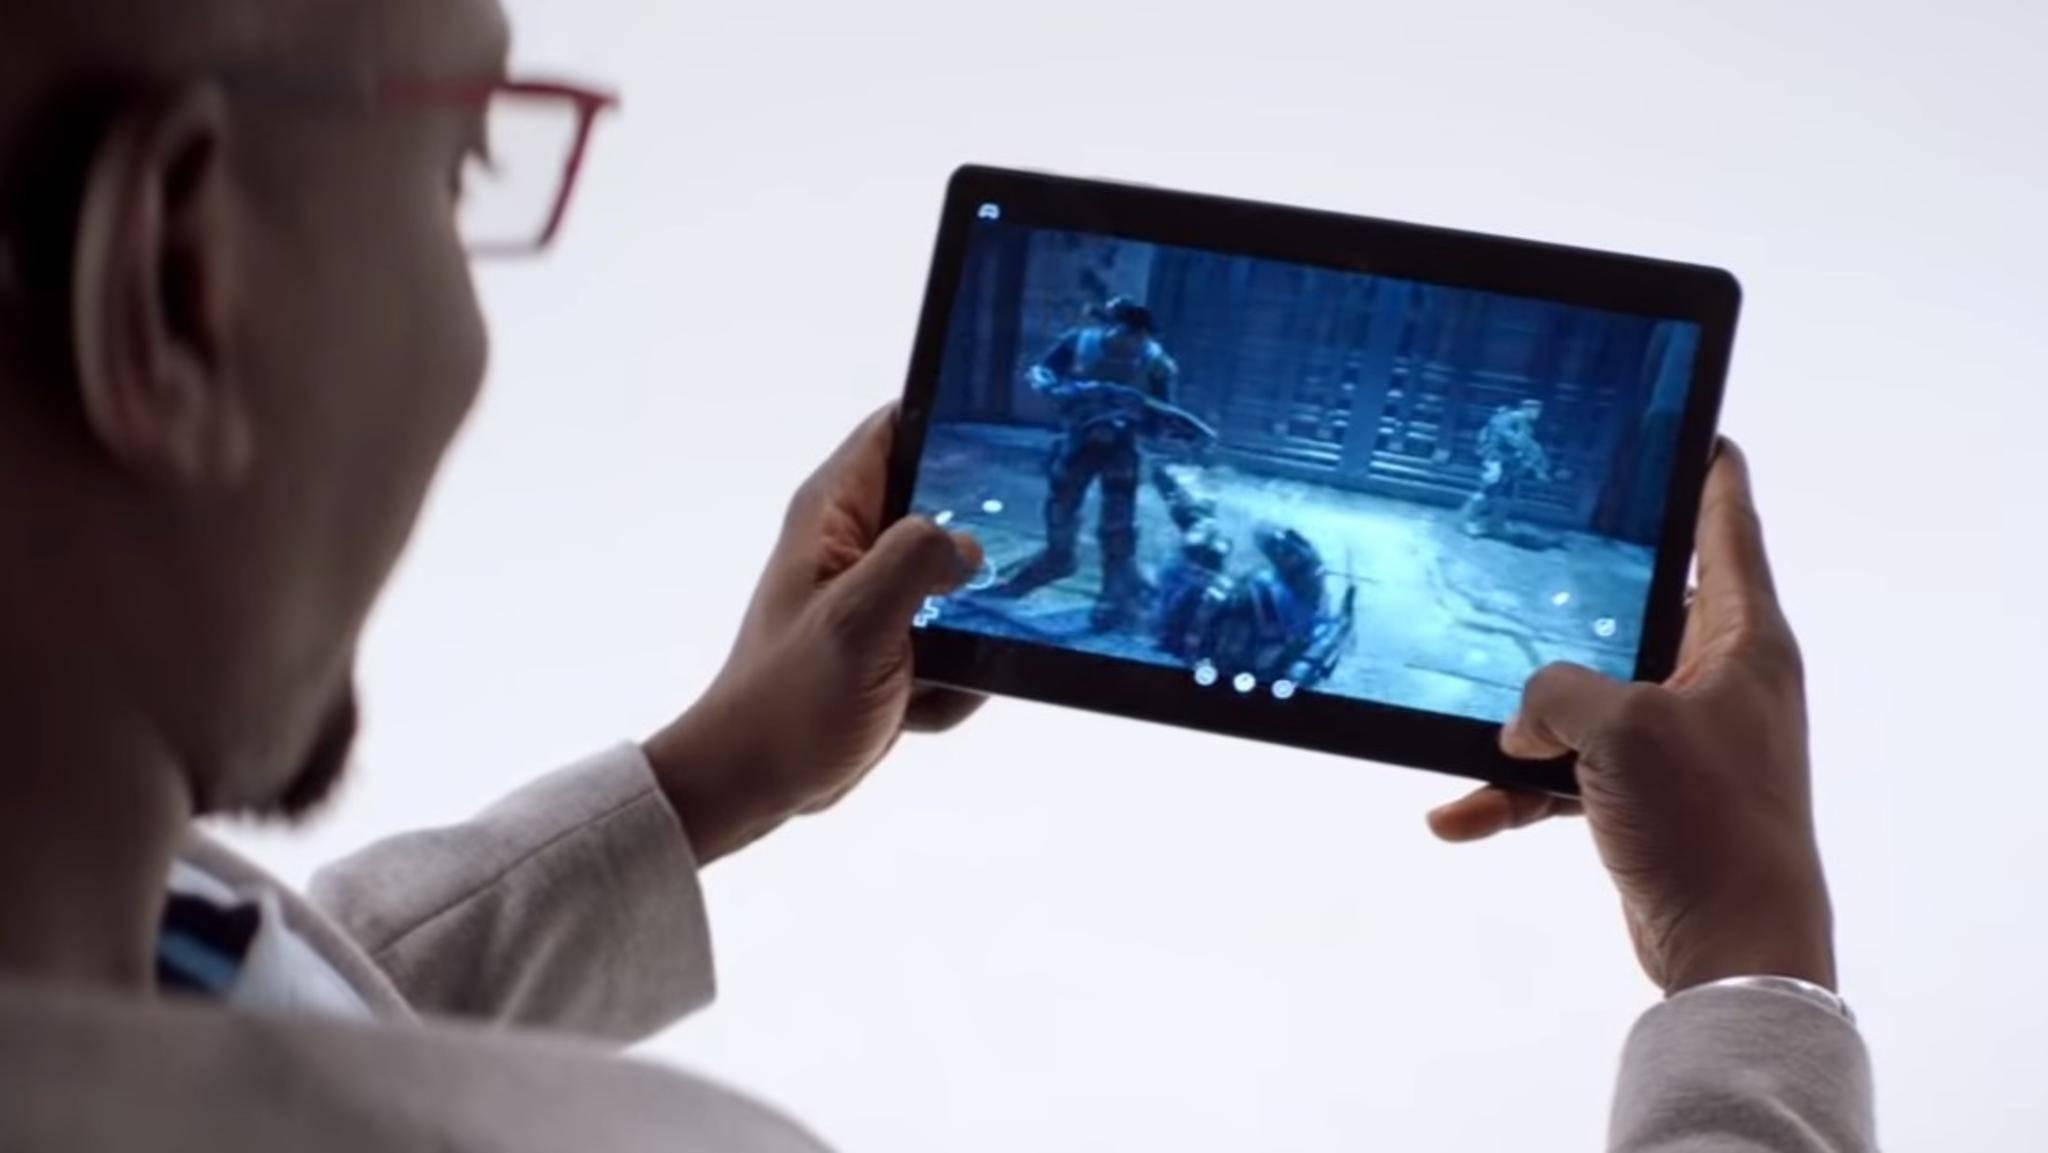 Xbox soll künftig eine Hardware-unabhängige Plattform sein.